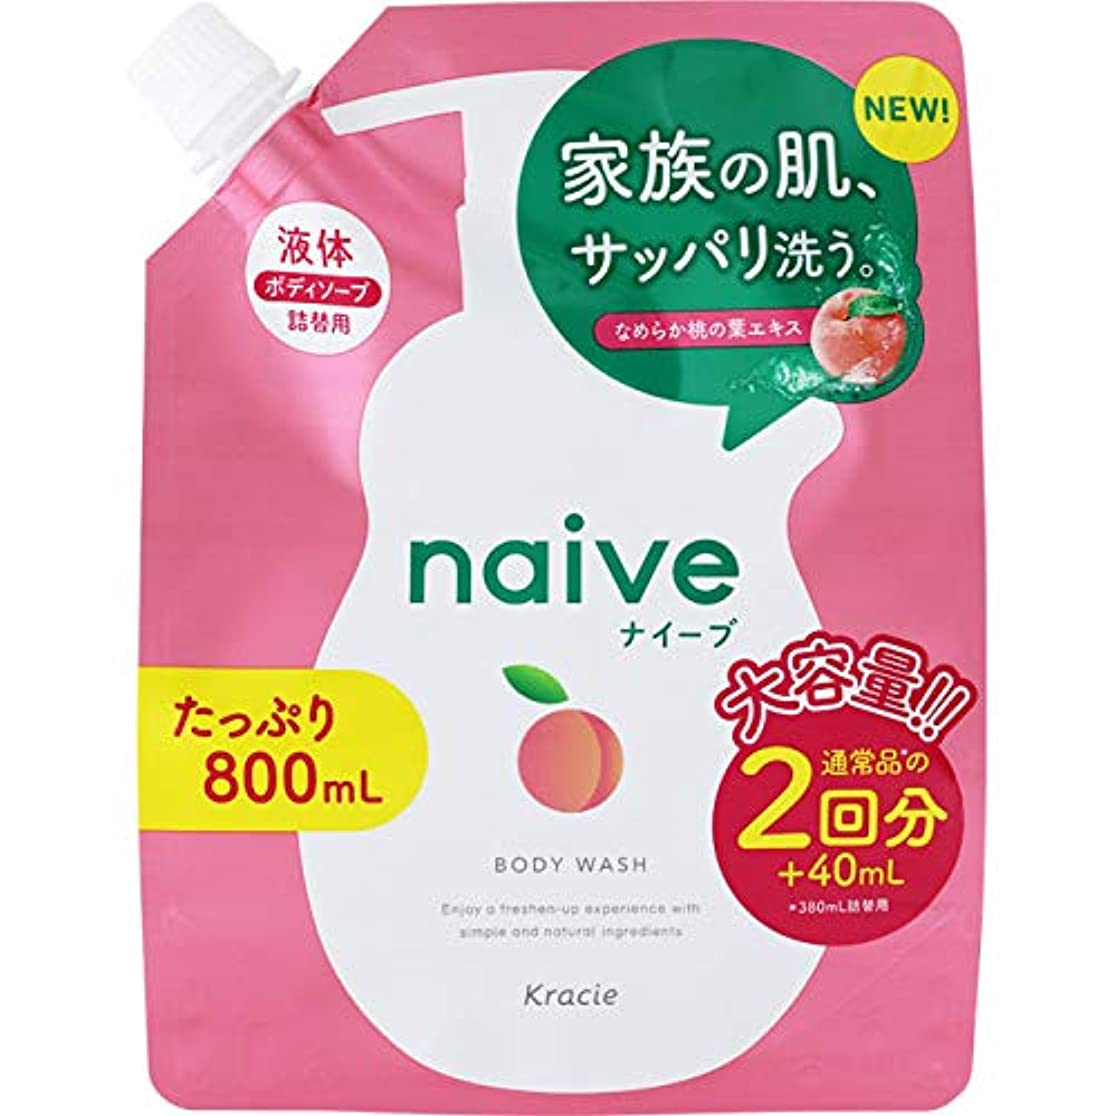 プレビュー支店賞ナイーブ ボディソープ(桃の葉エキス配合) 詰替用 × 3個セット